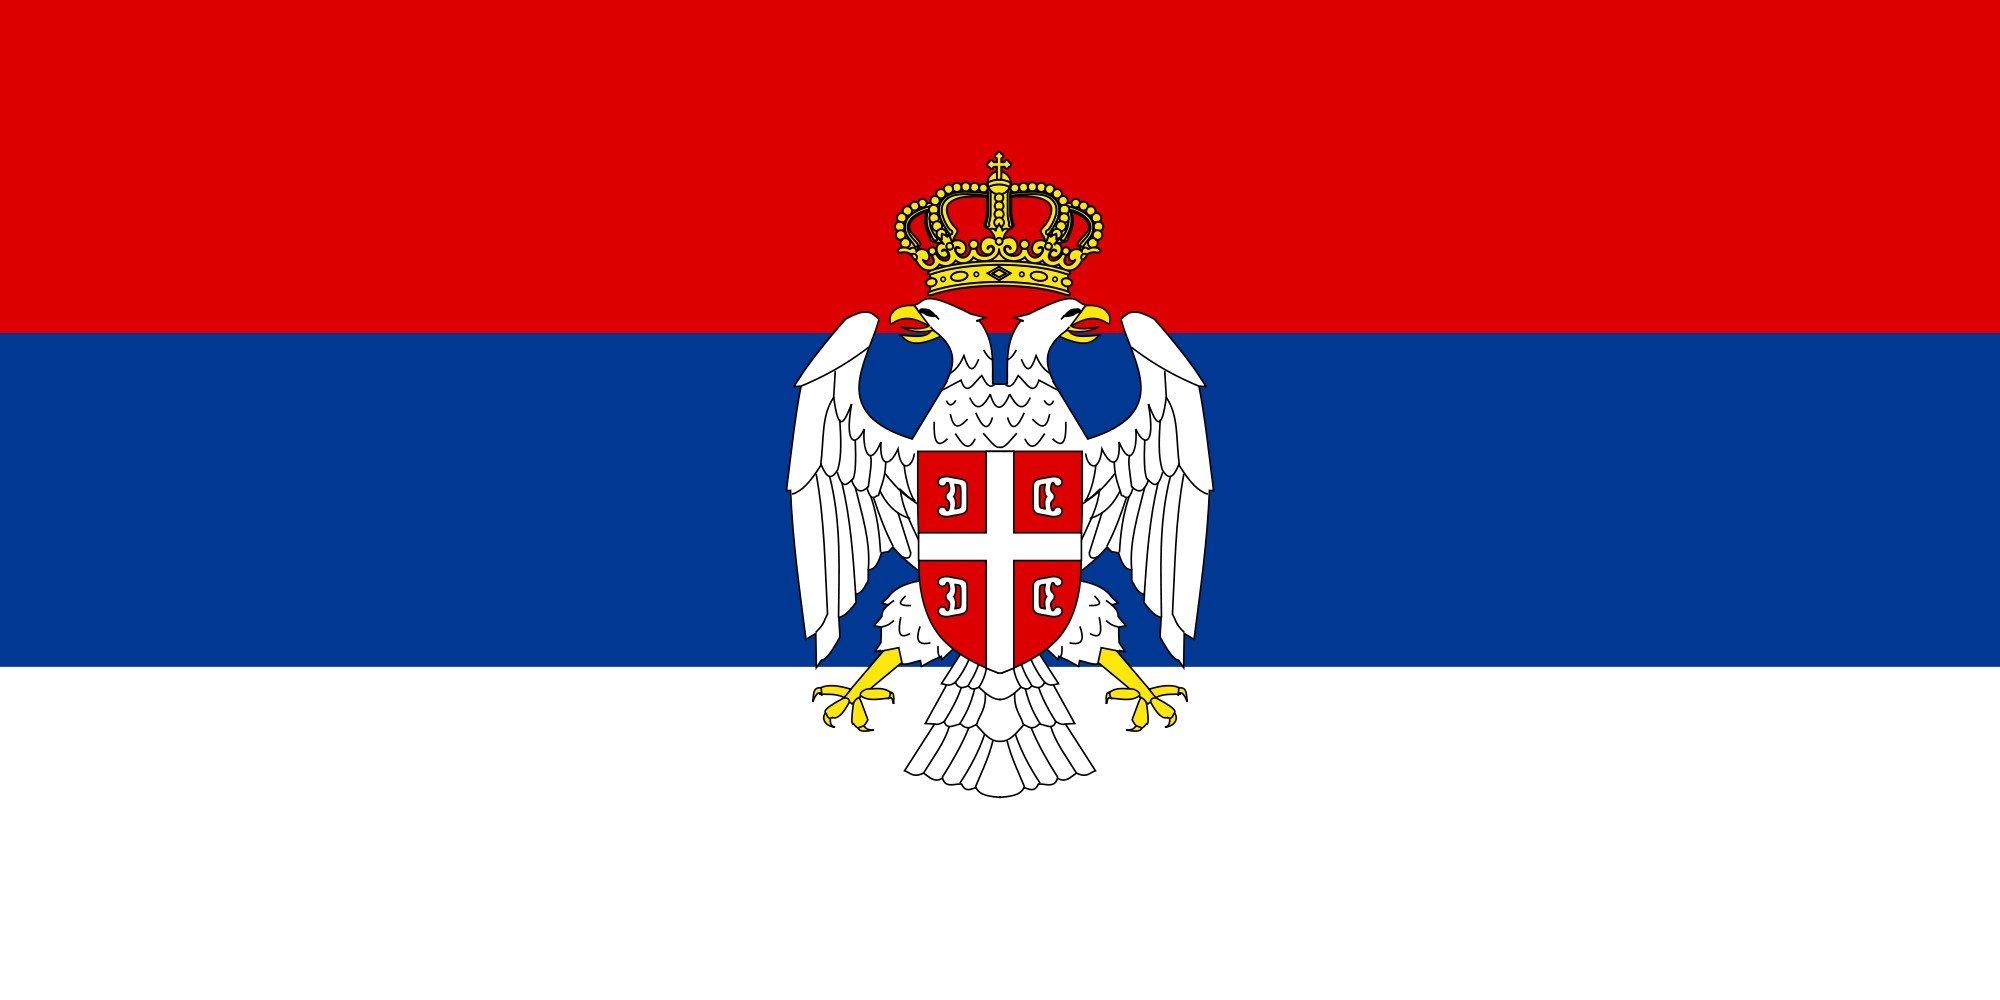 Serbia - Consilium